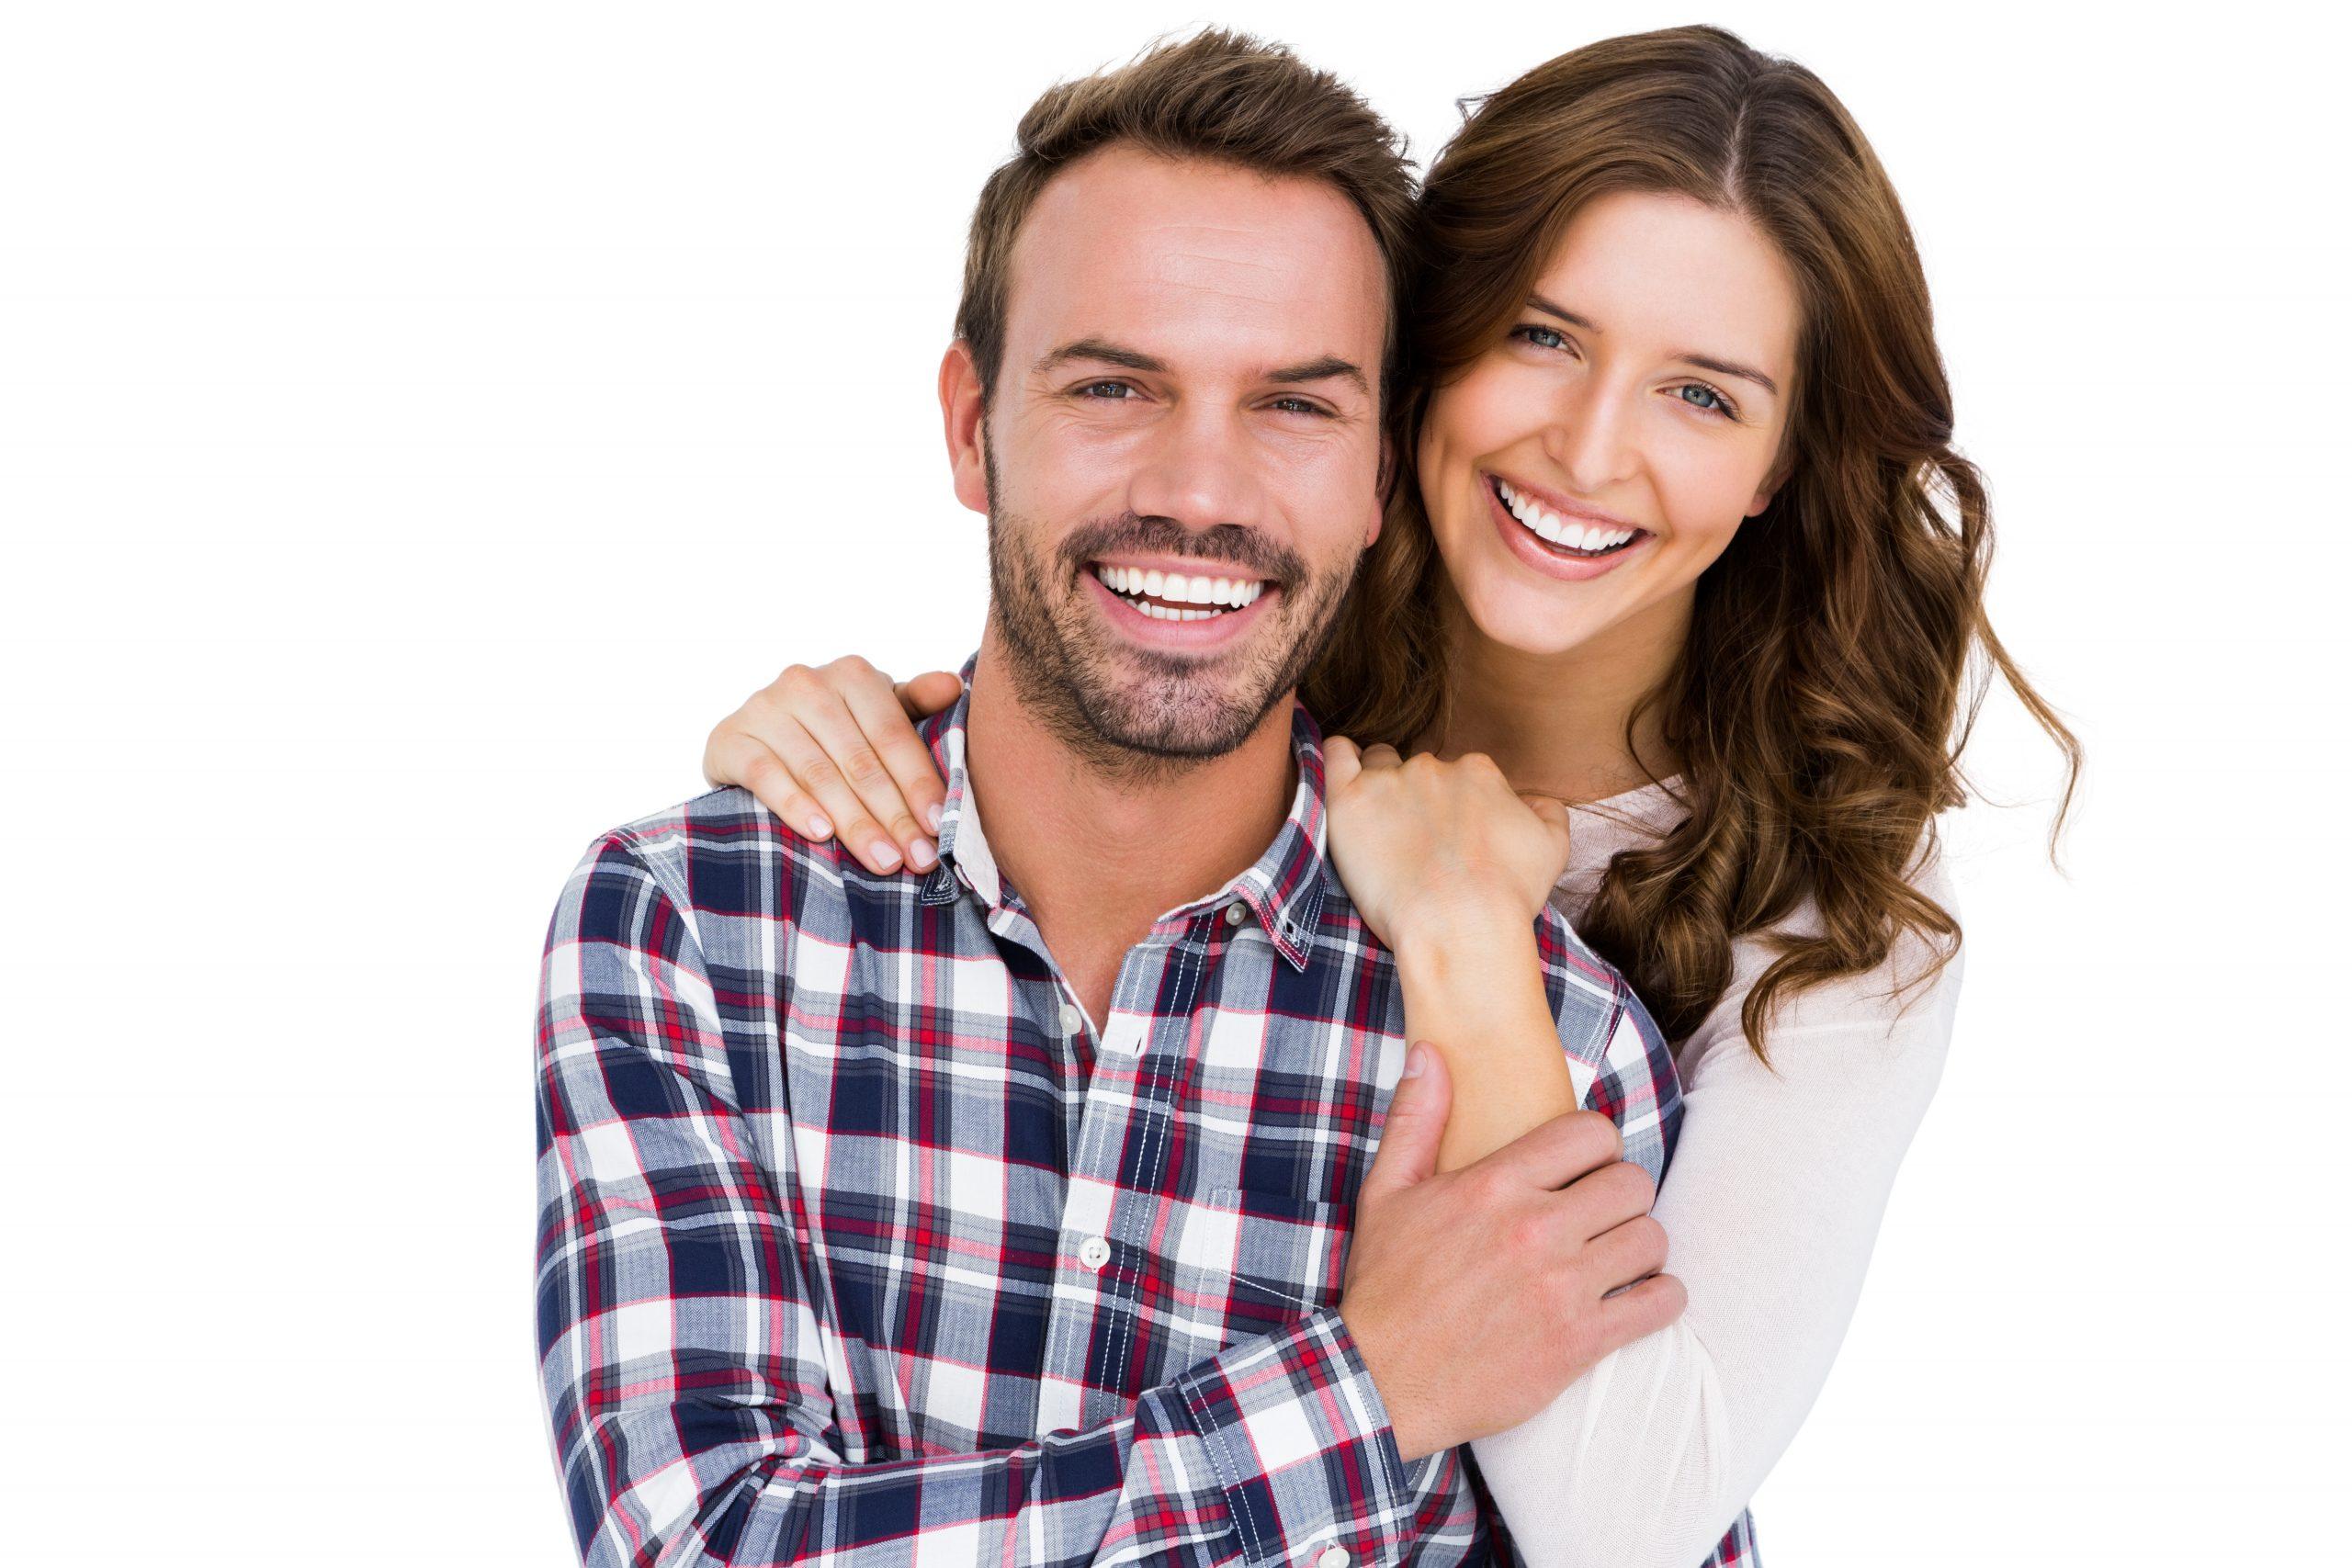 bellecour esthetique chute greffe cheveux homme femme mesotherapie rigenera